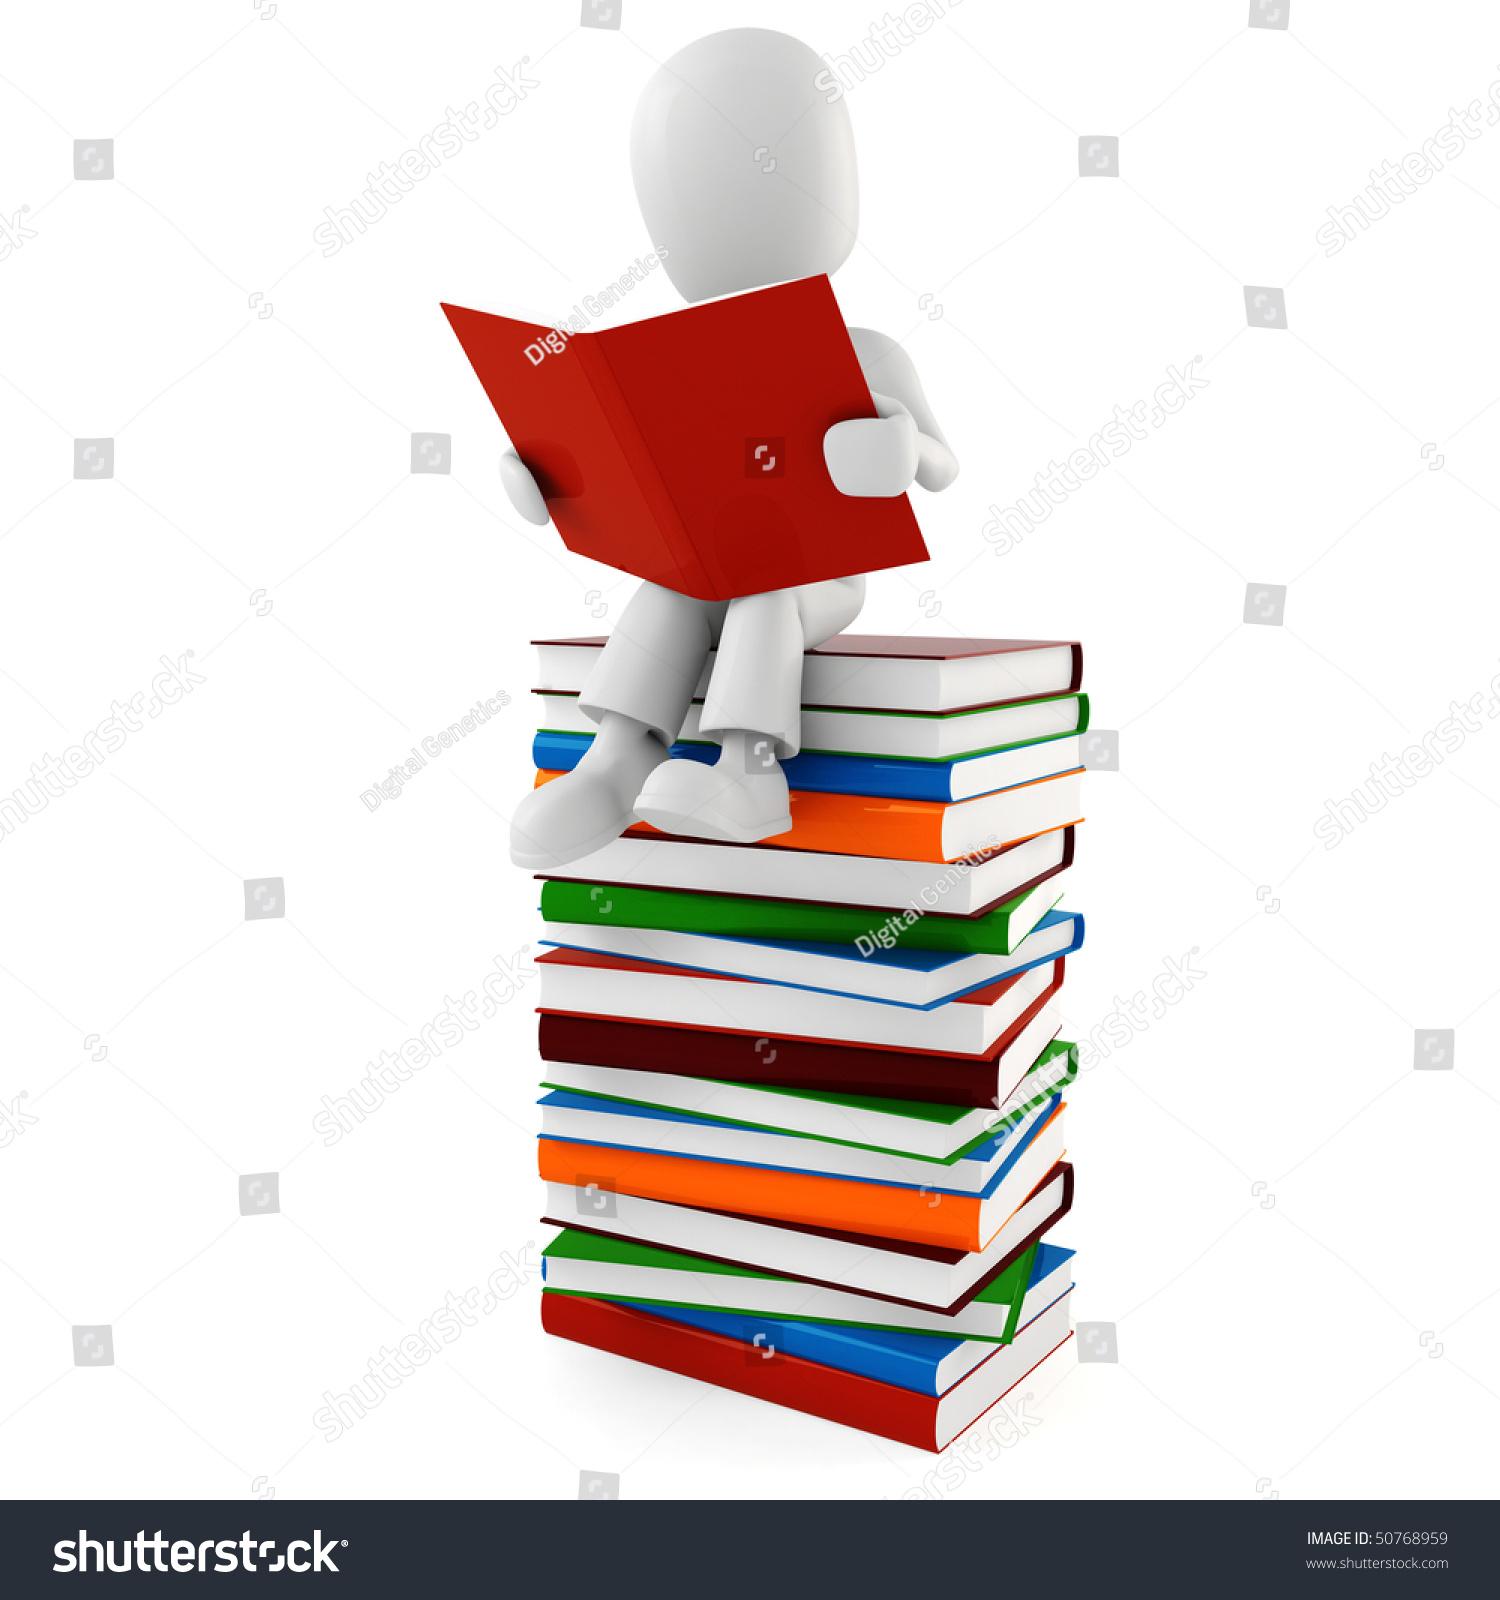 3d Man Reading A Book Stock Photo 50768959 : Shutterstock